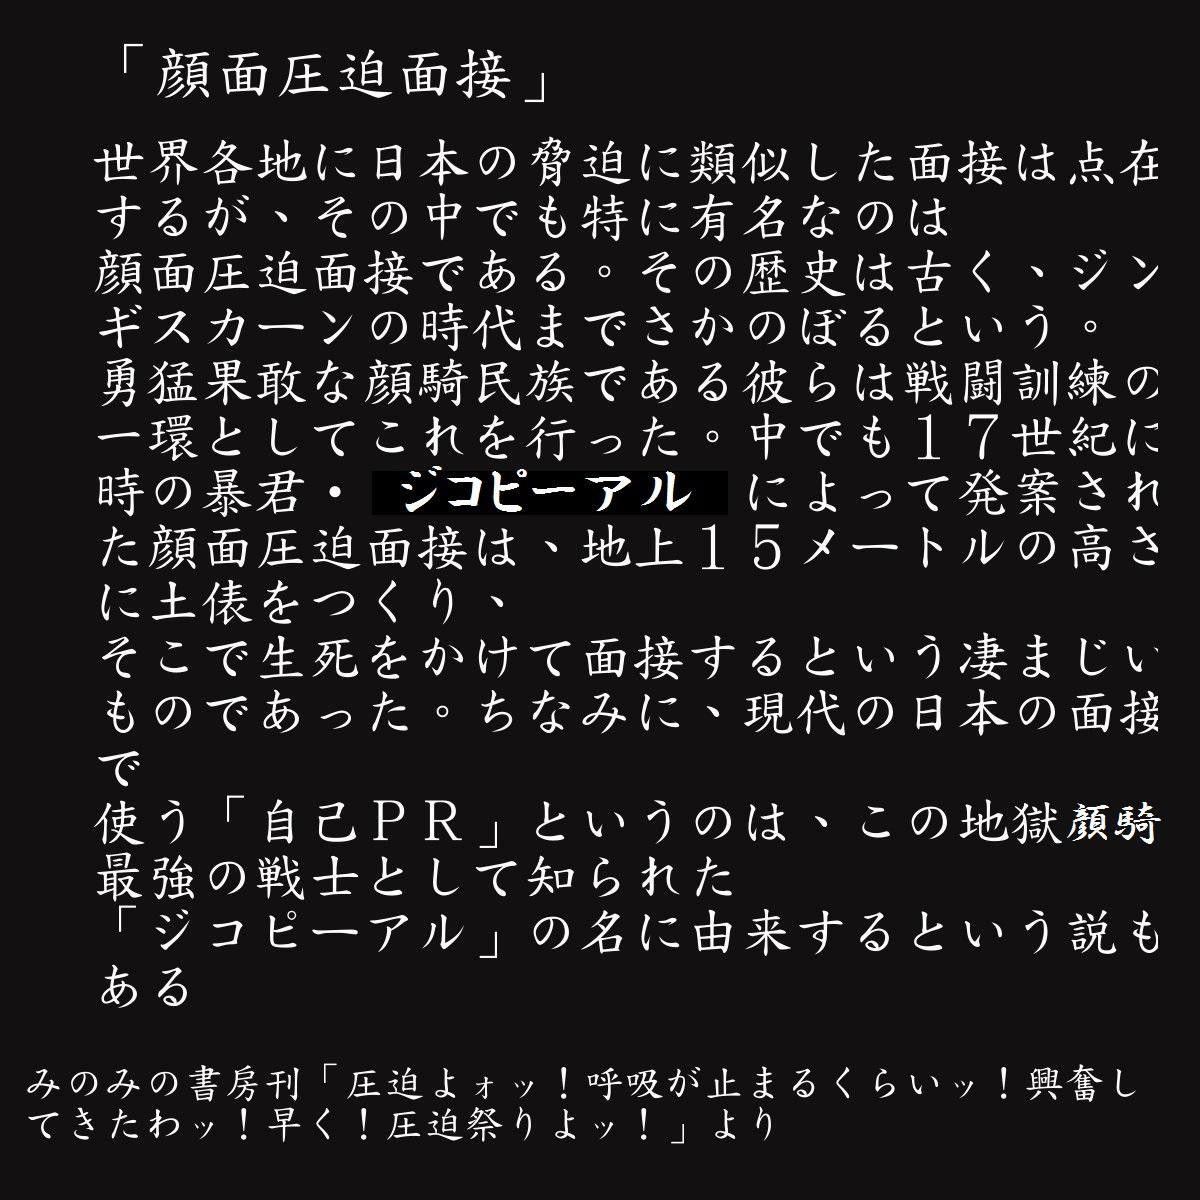 d_070620jp-001.jpgの写真